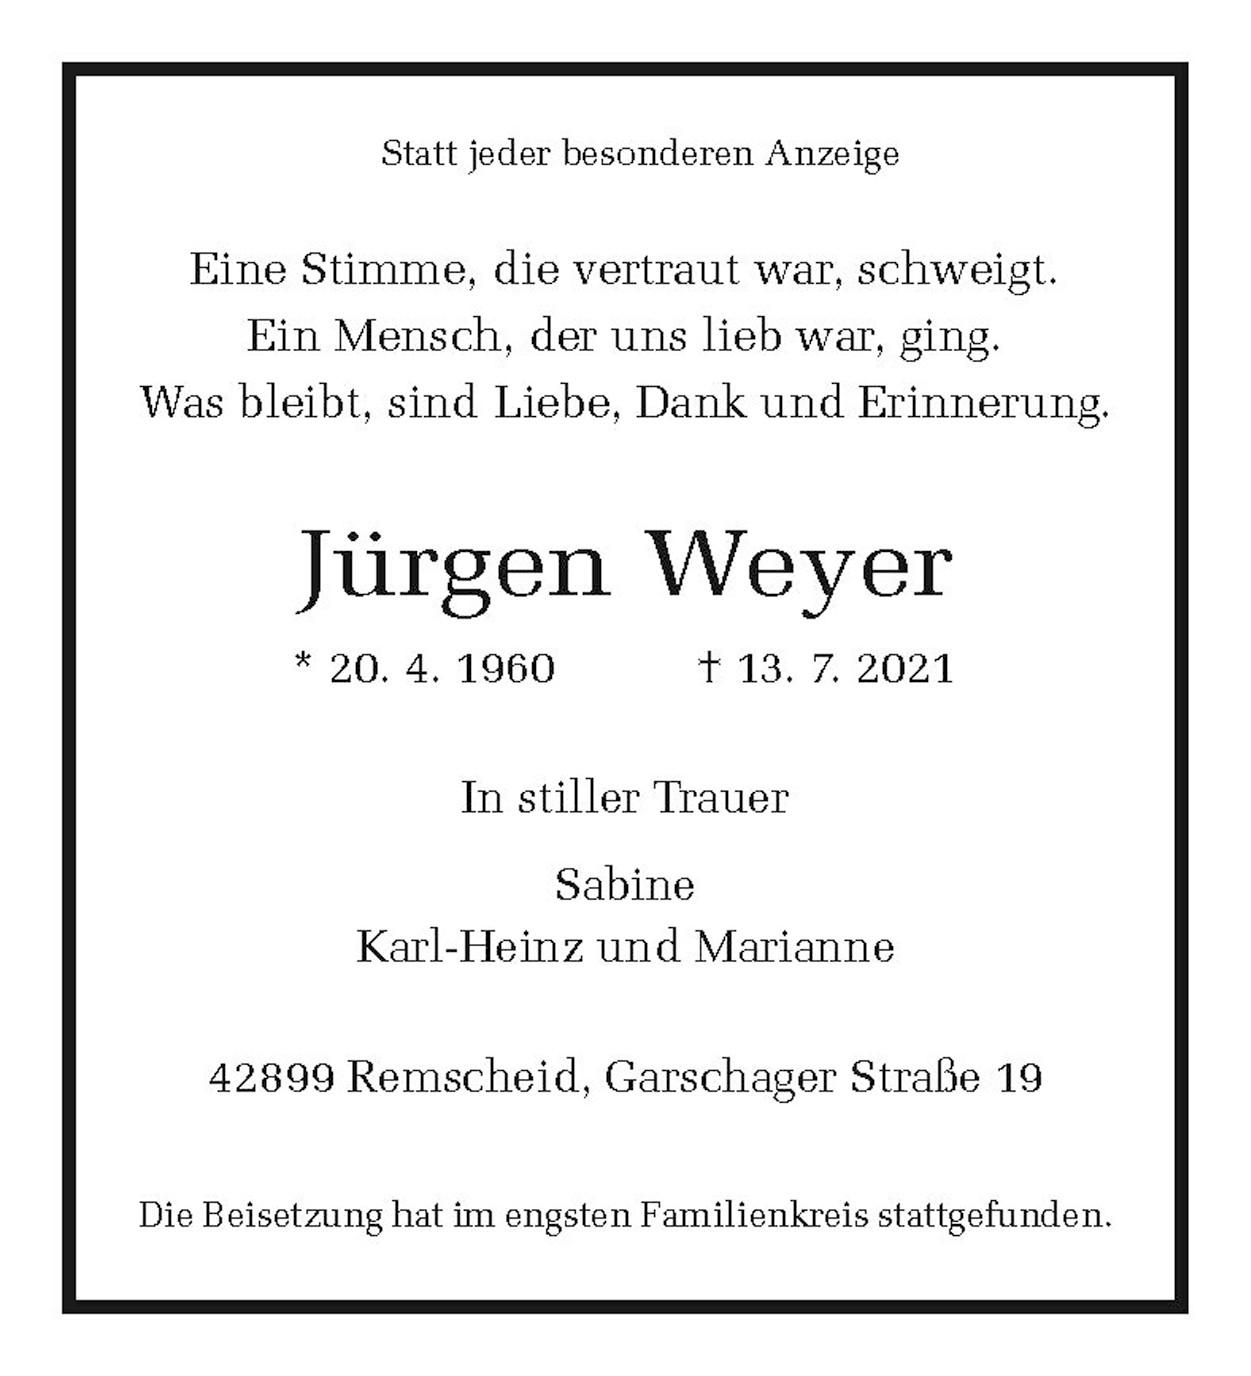 Jürgen Weyer